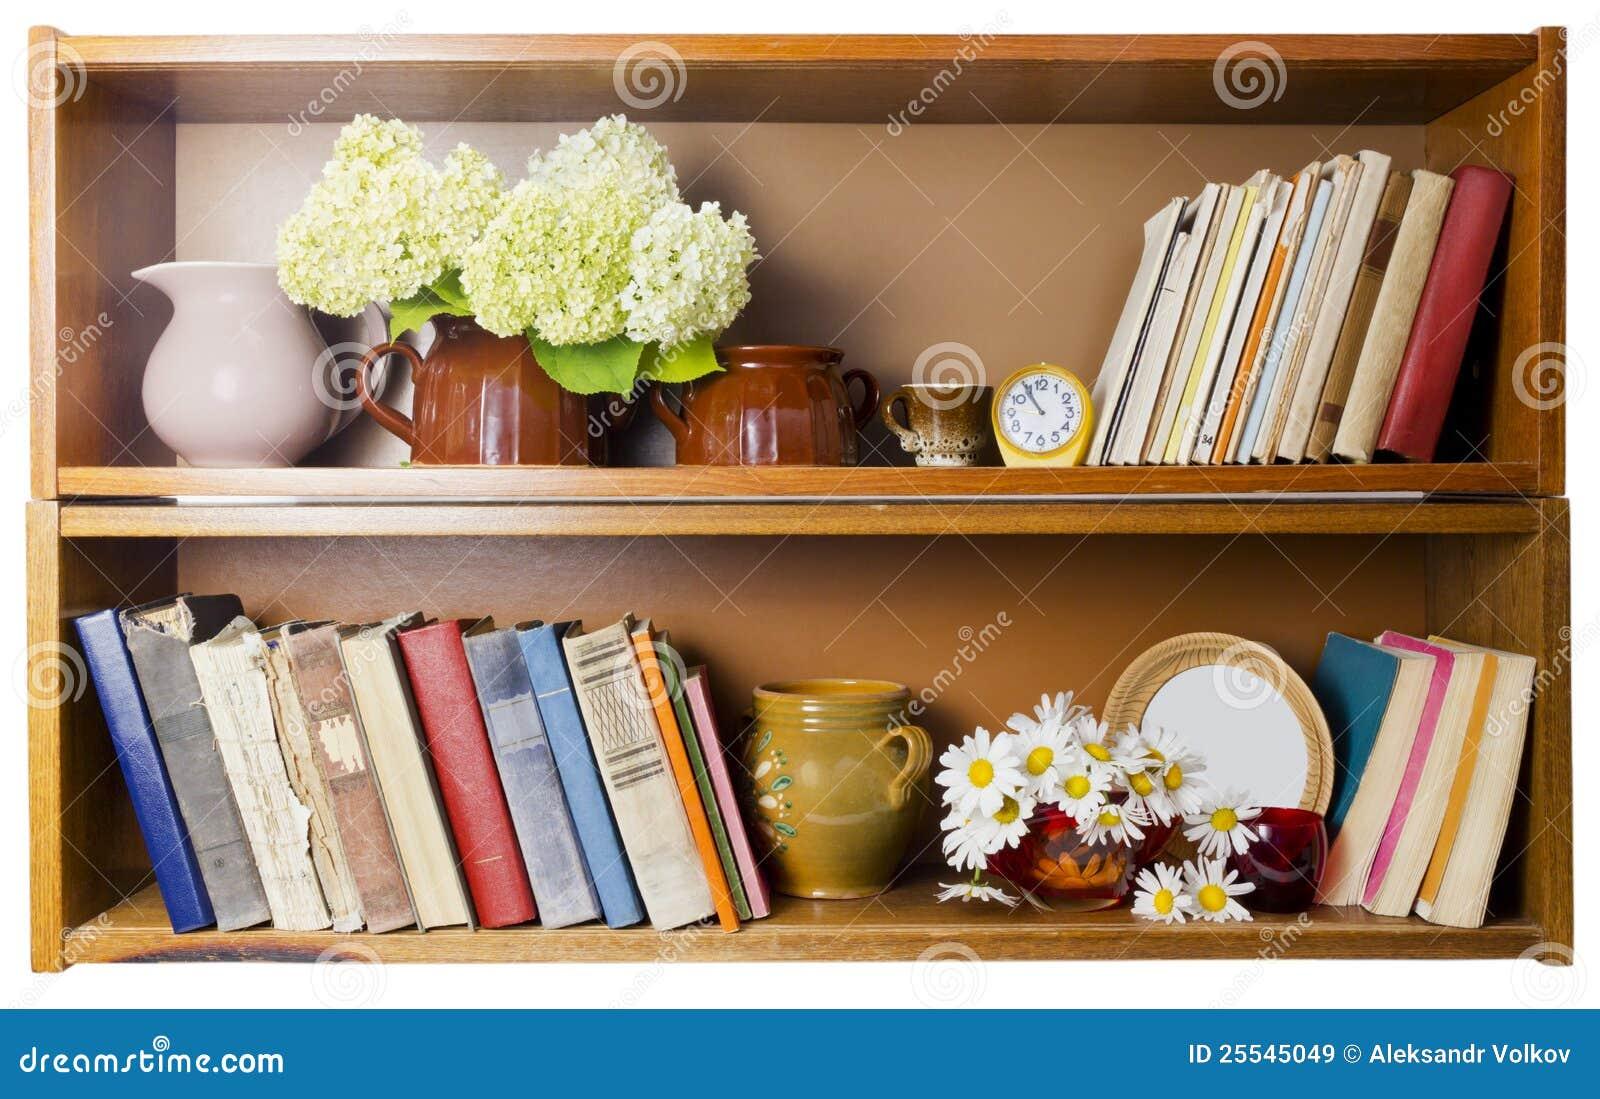 Landwirtschaftliches Bücherregal